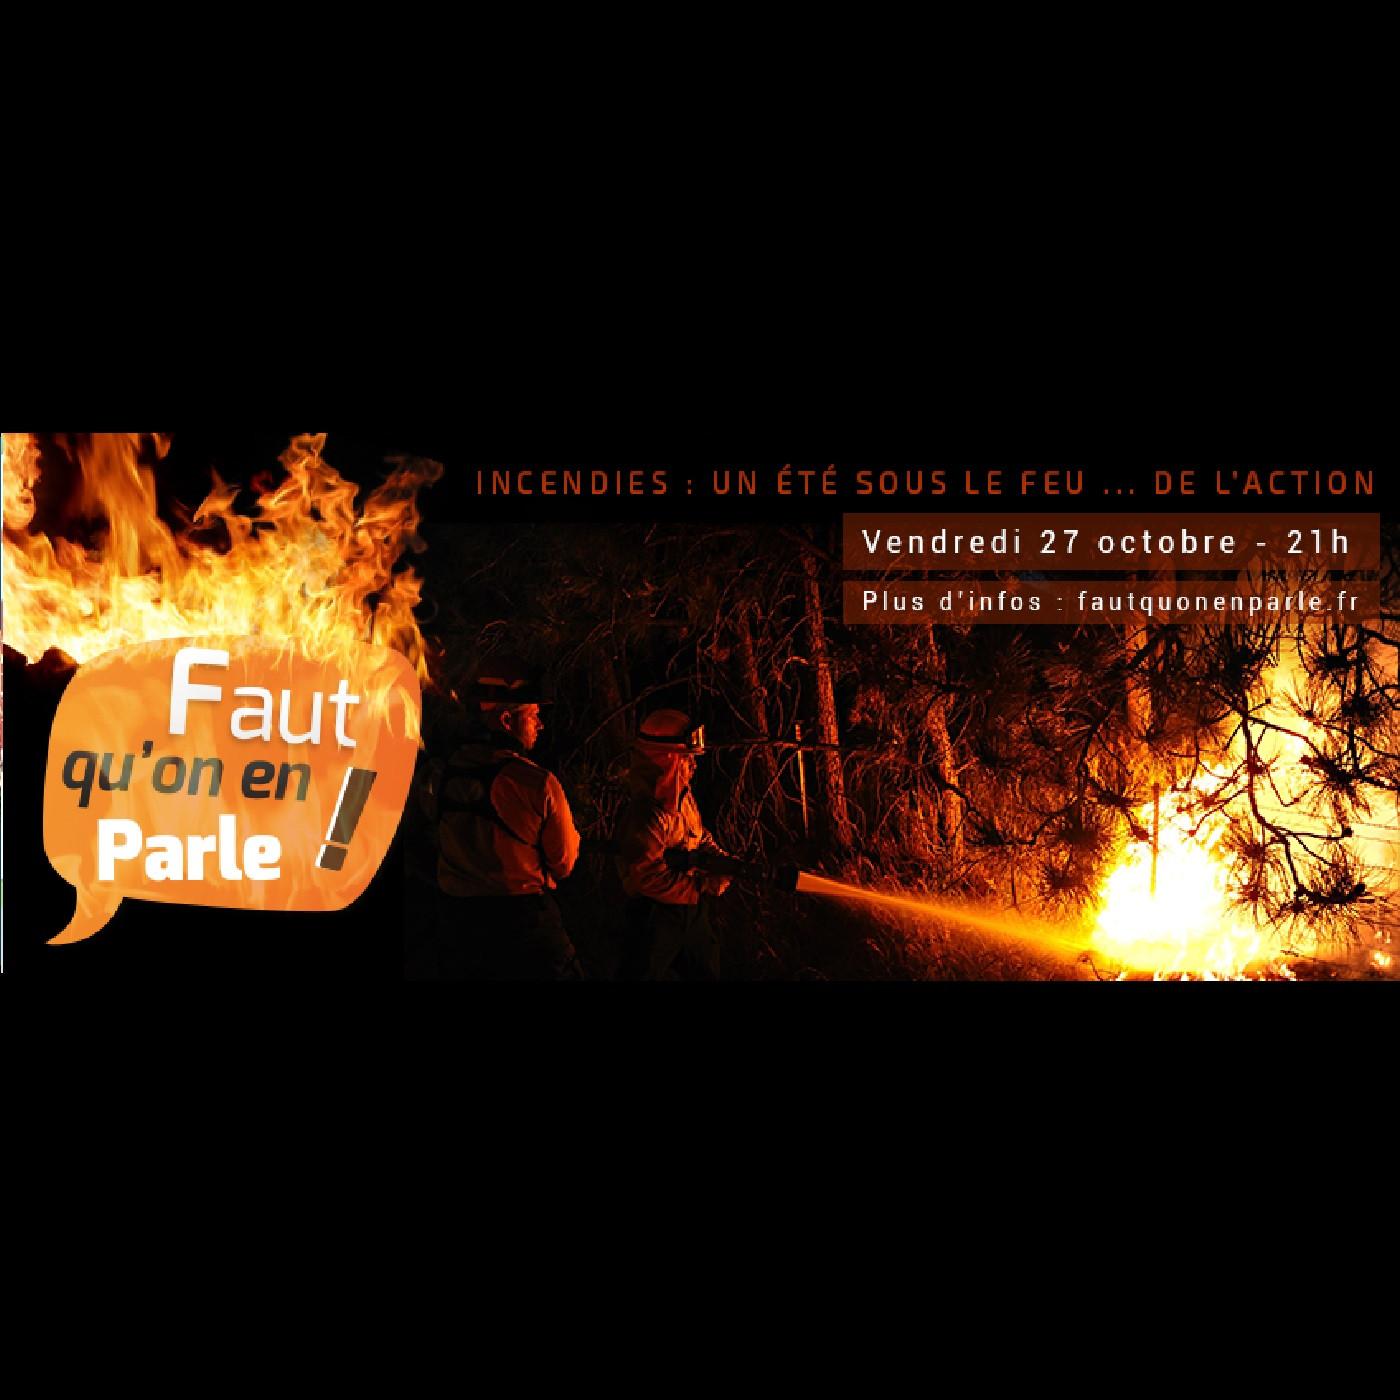 INCENDIE: Un été sous le feu... de l'action